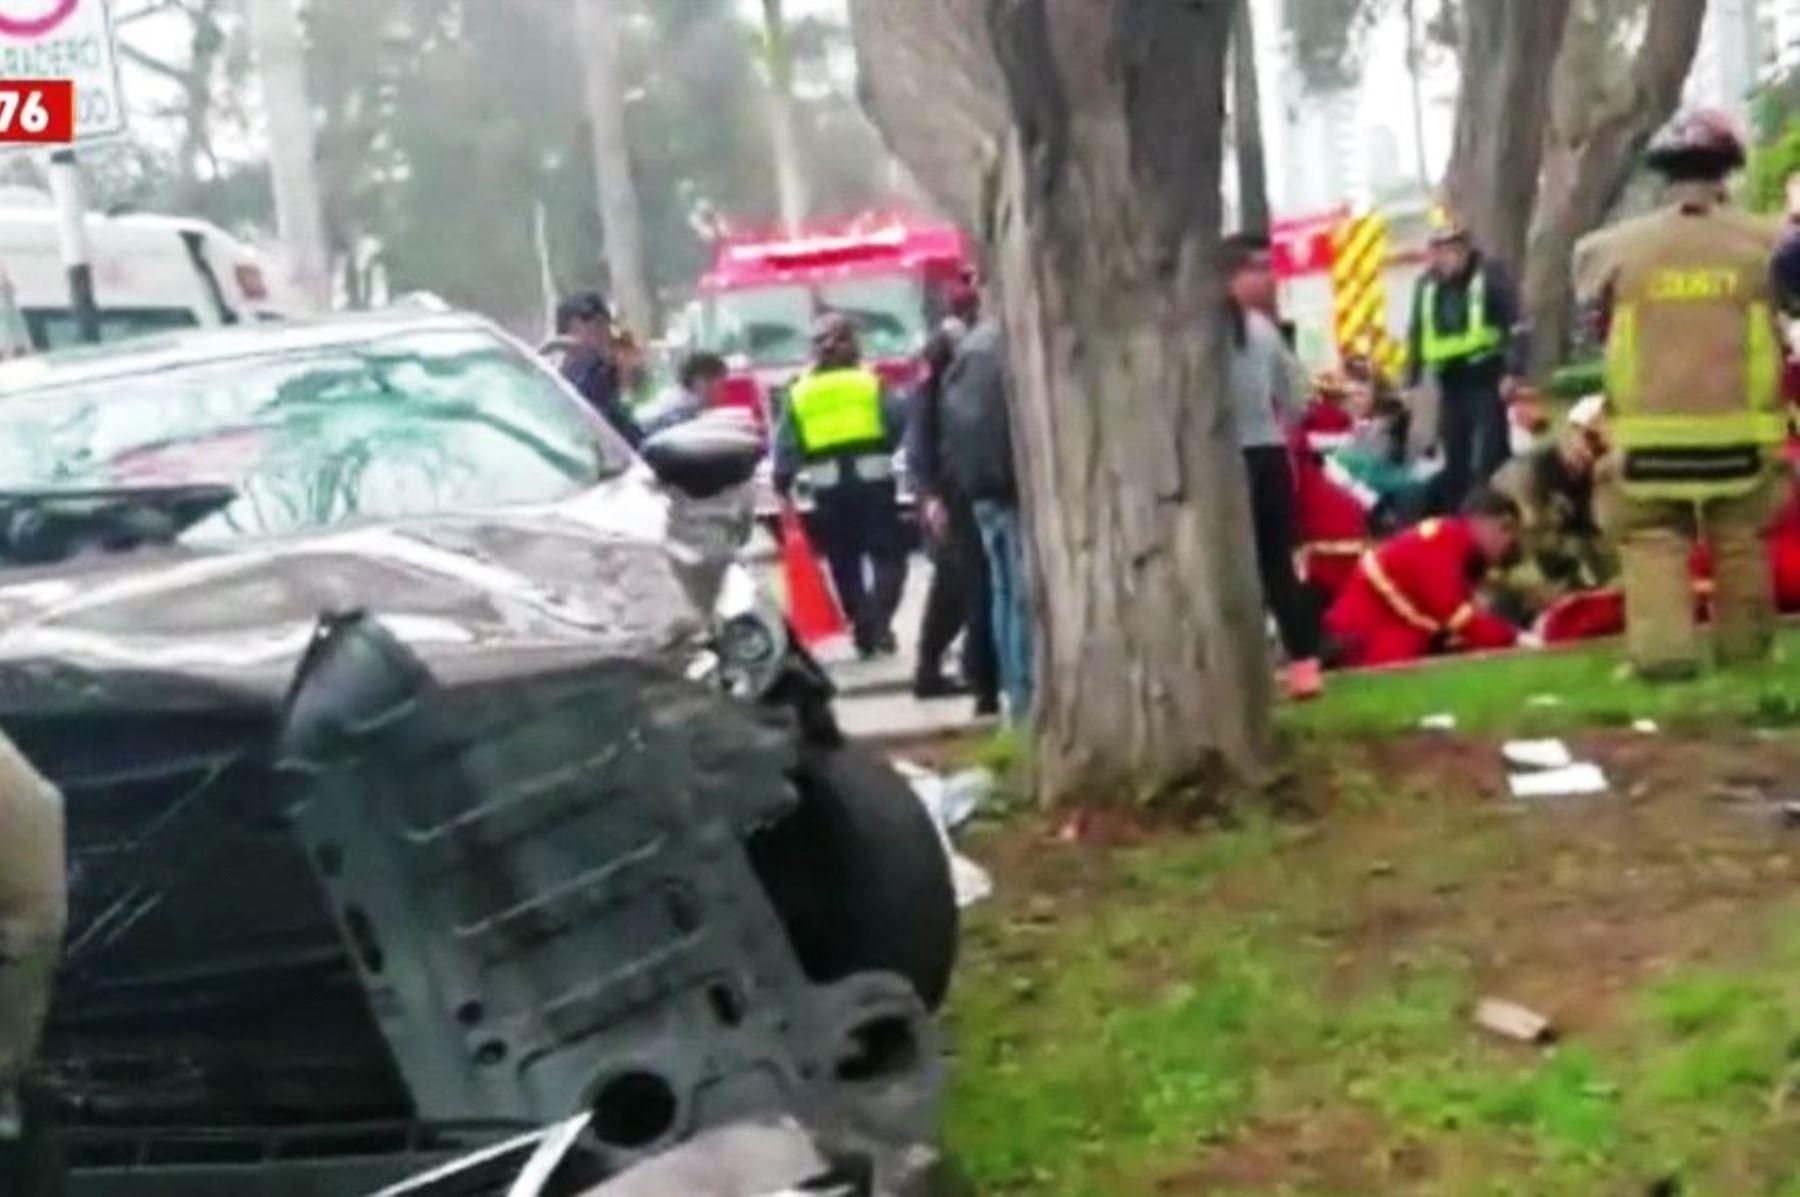 Conductora que acabó con la vida de dos jóvenes en la avenida Javier Prado Oeste enfrenta posible detención preventiva. Foto: ANDINA/difusión.